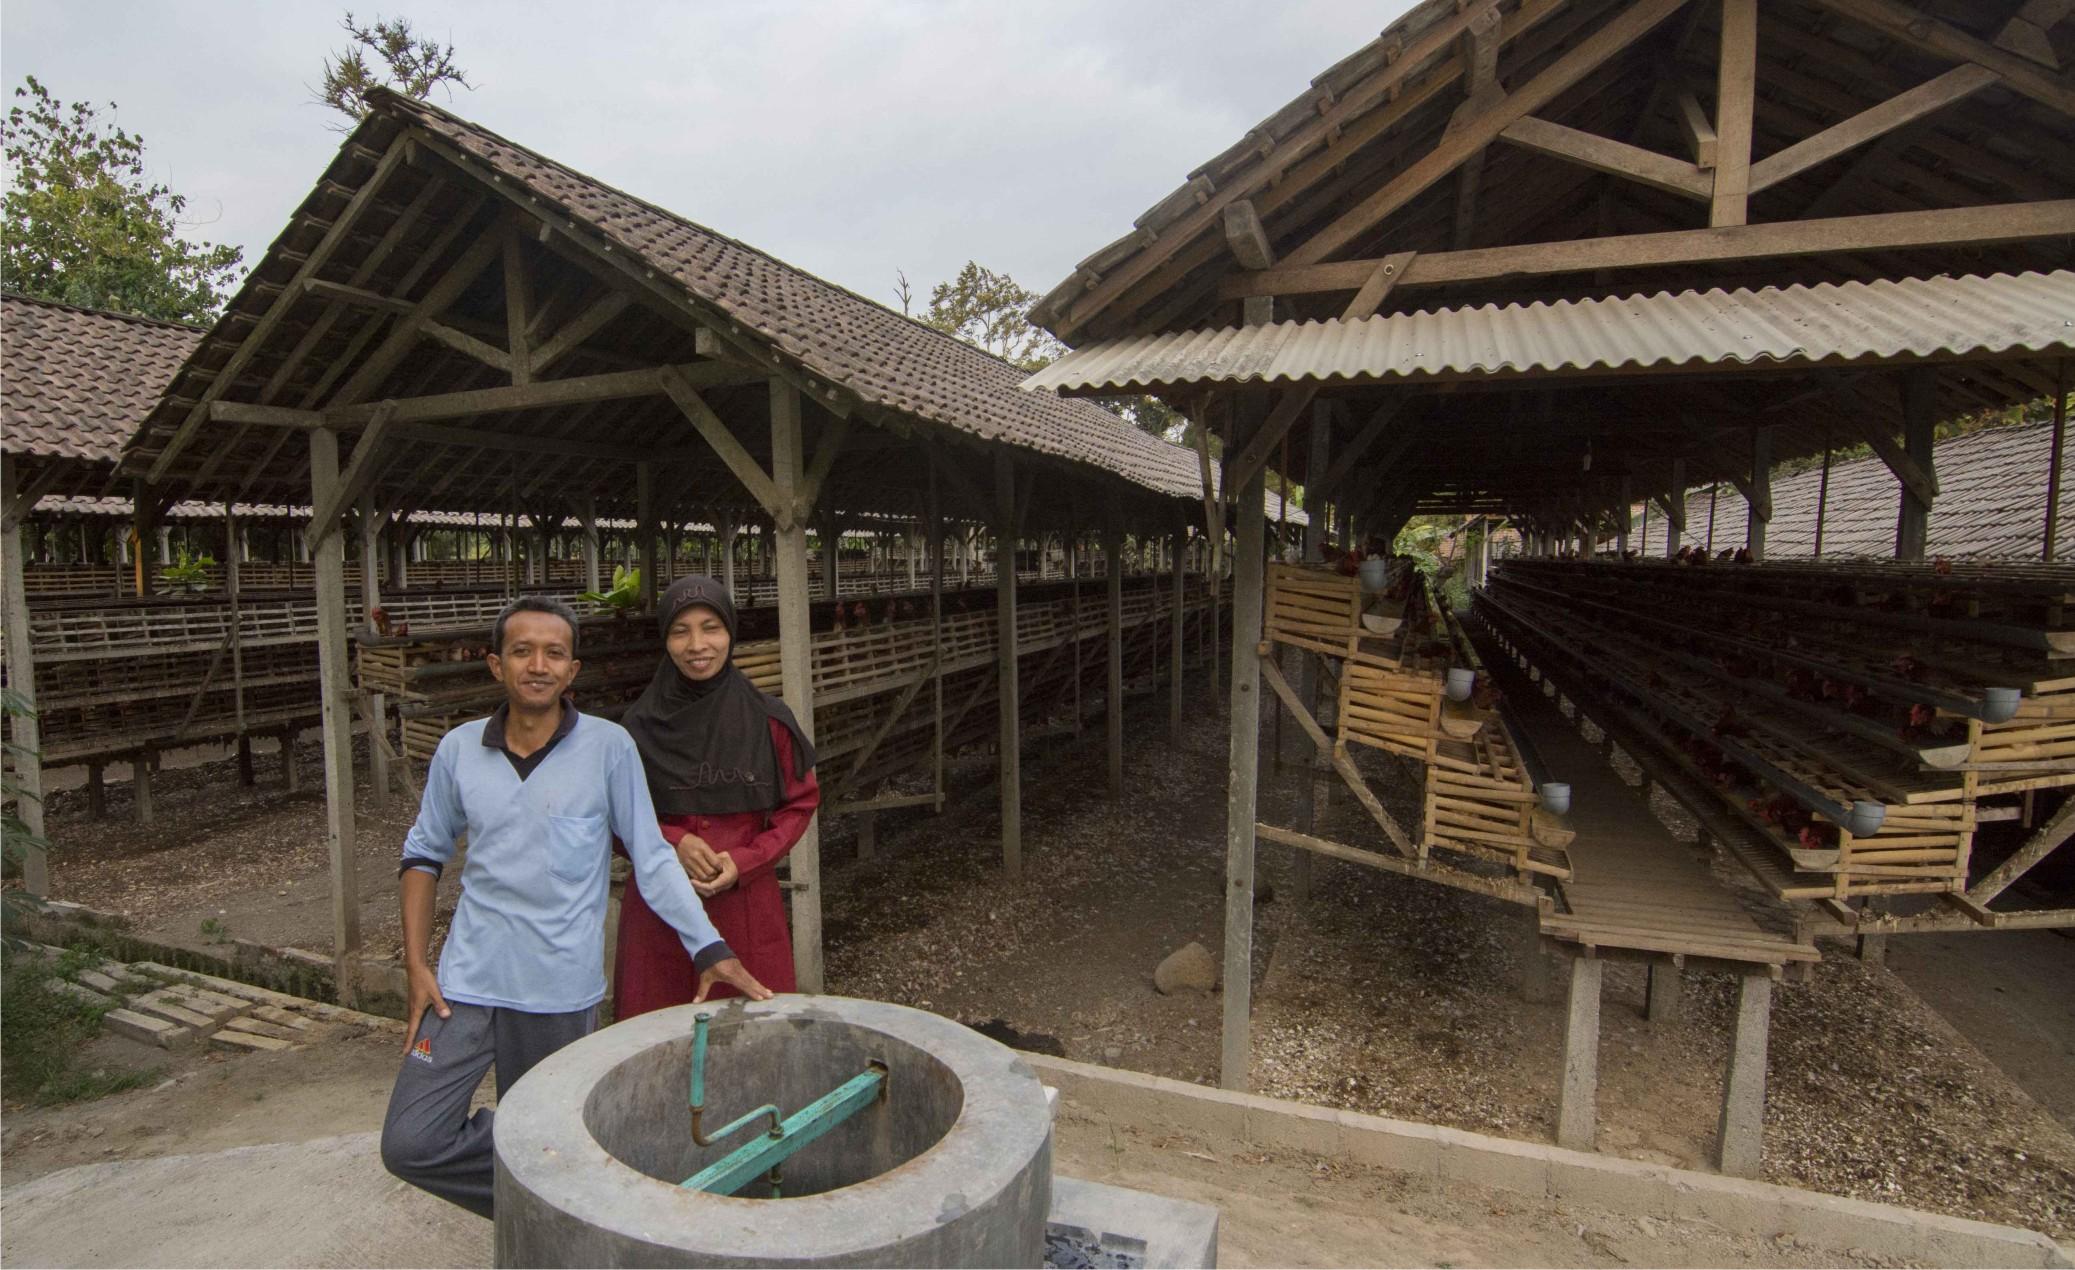 Atasi Kotoran Ayam? Biogas Solusinya! - Biogas Rumah